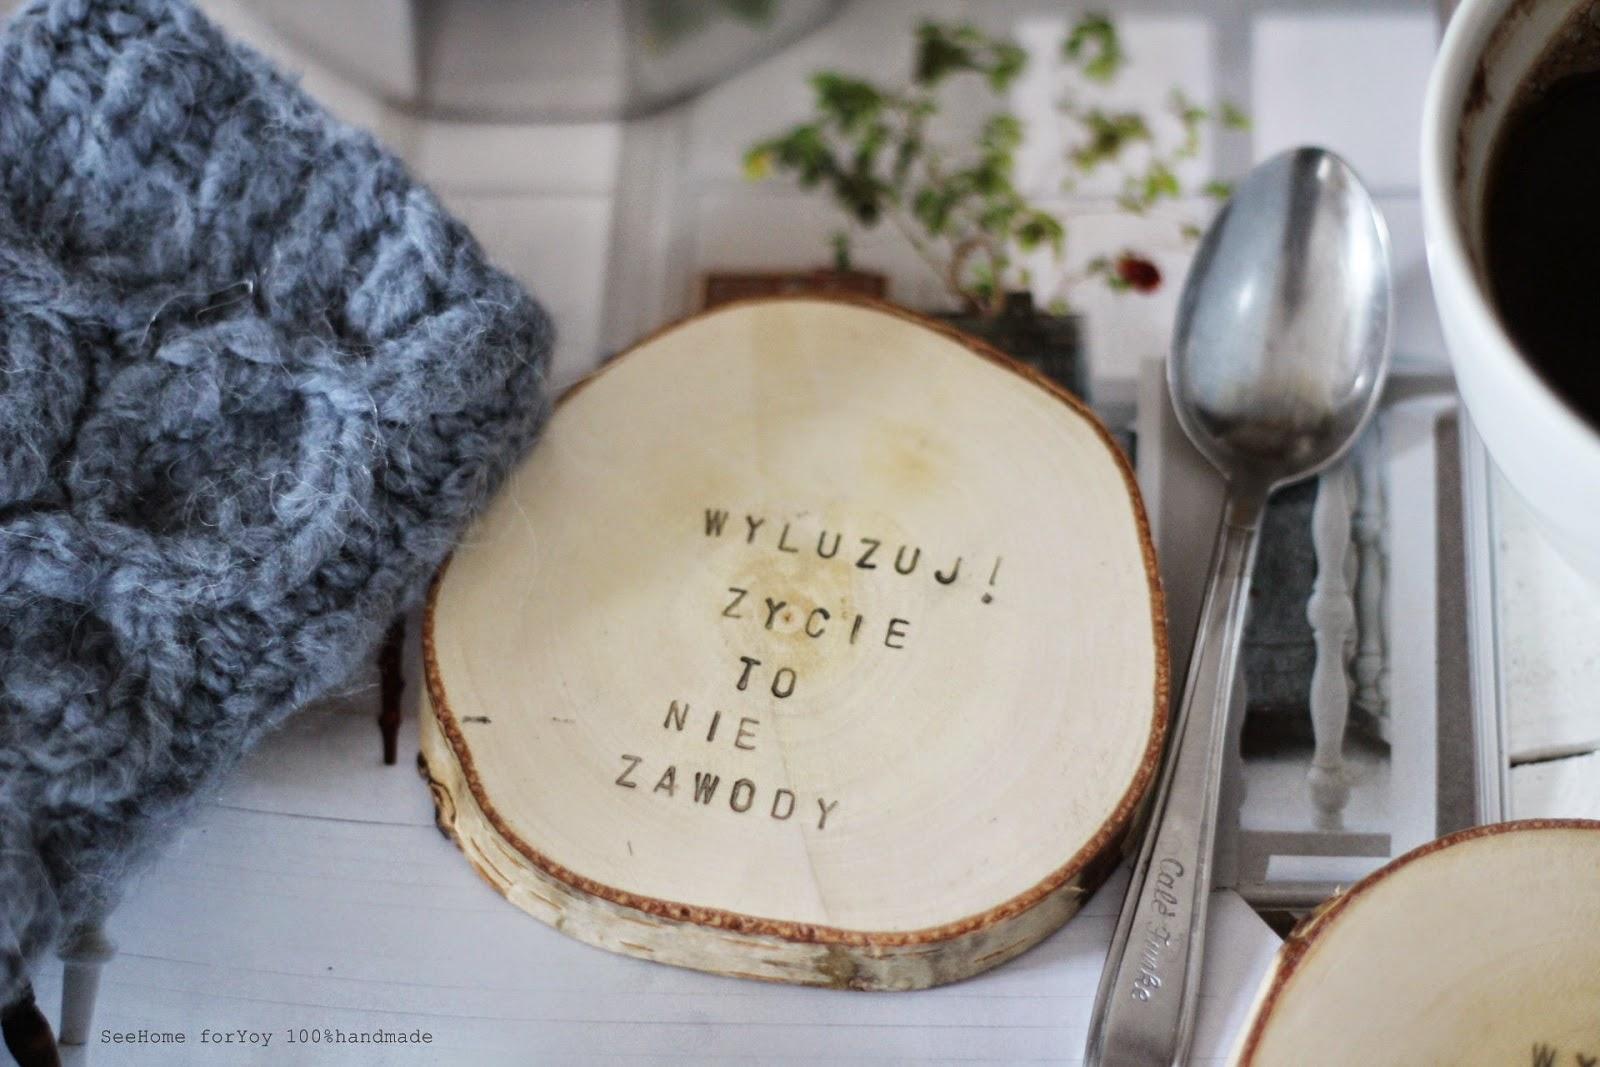 Drewniane podkładki,Podkładki na stół